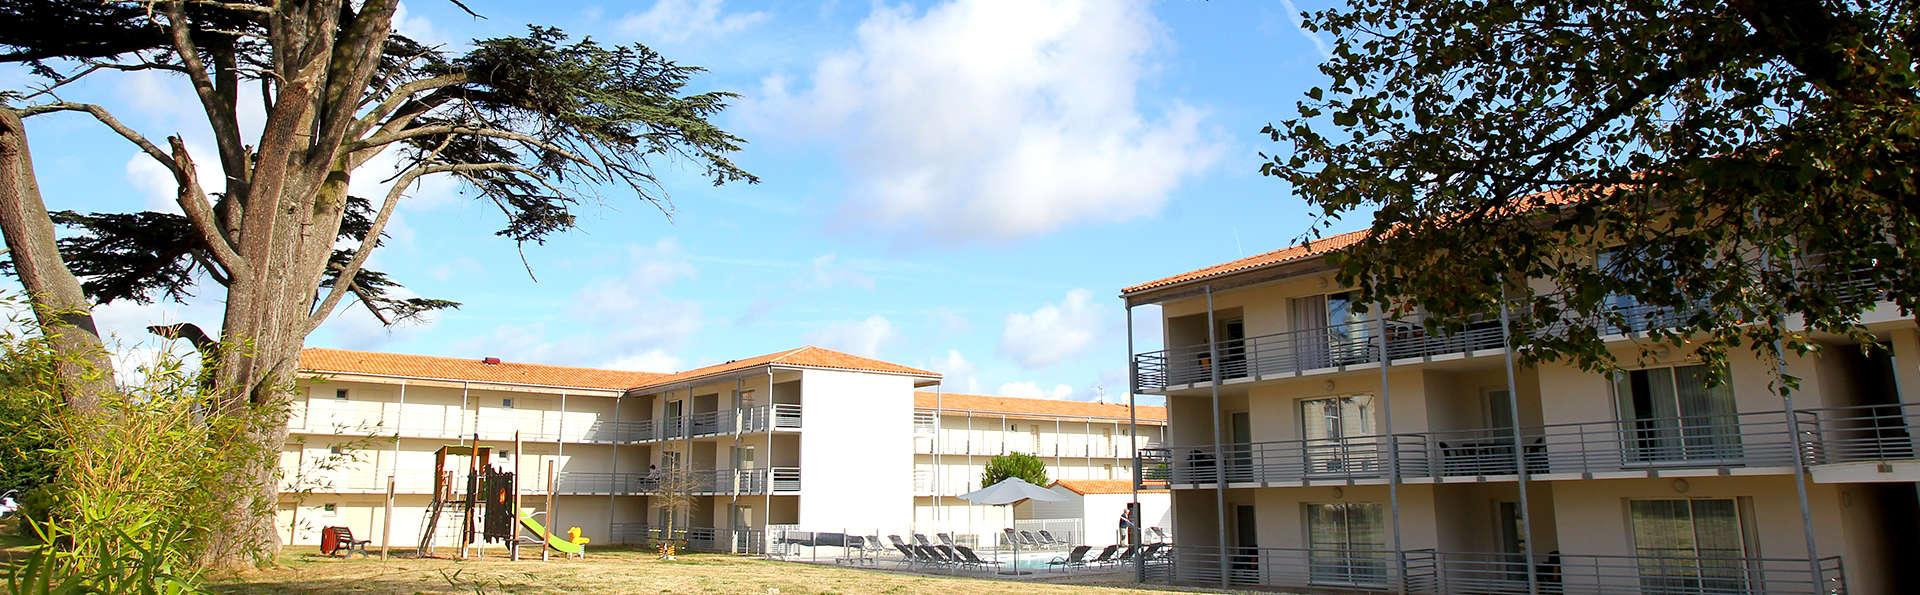 Vacanceole Domaine Du Château La Rochelle Ile de Ré - Edit_Front2.jpg